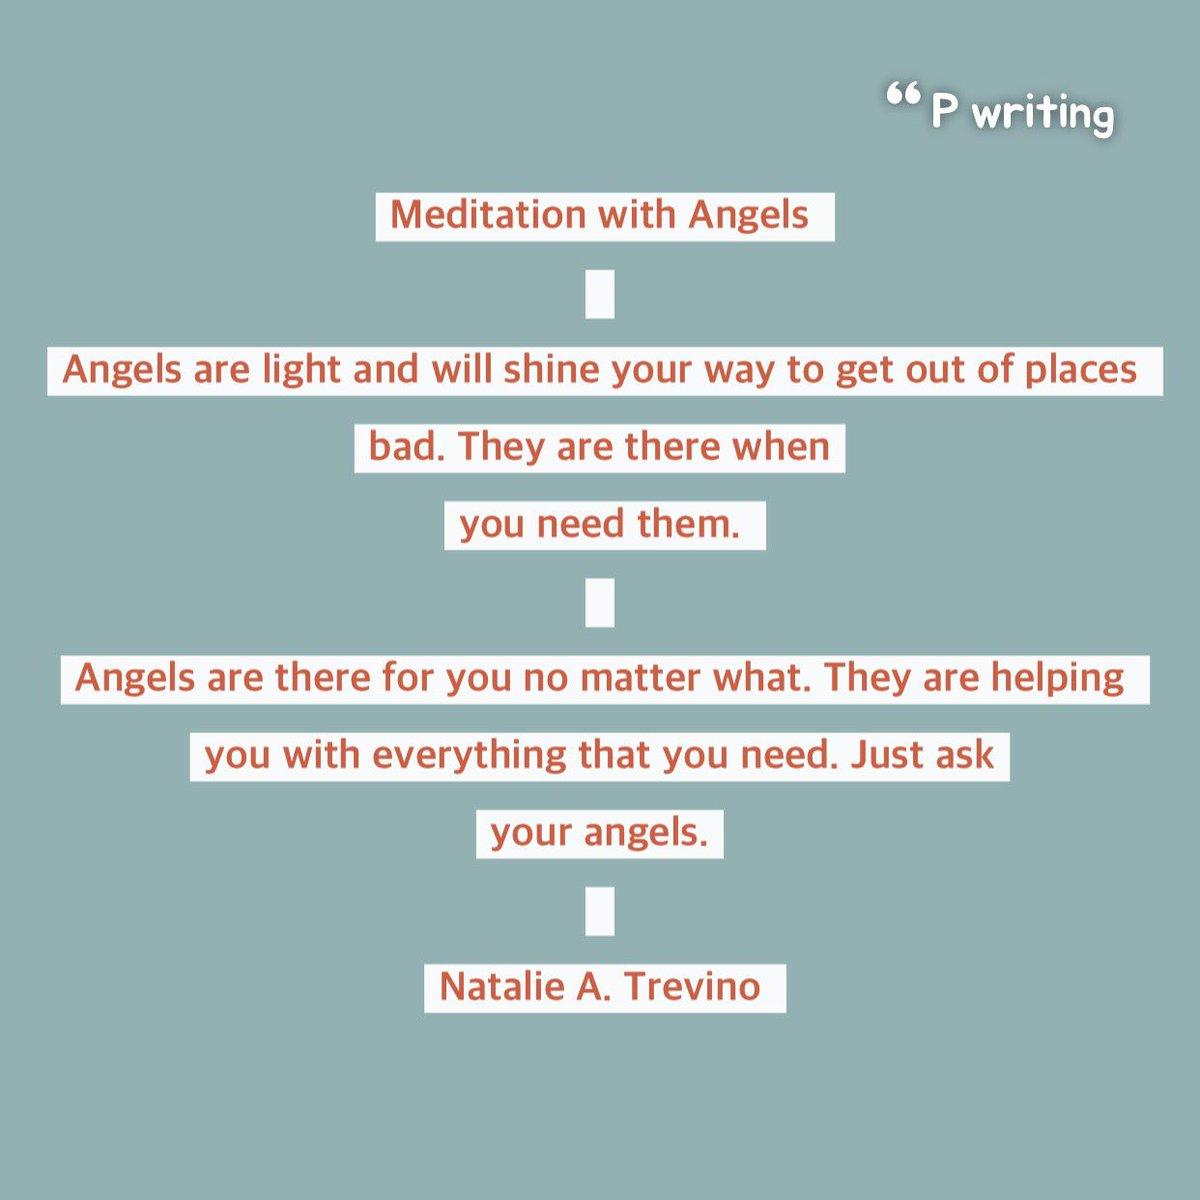 What u think every1...#meditation #art #me #light #angel #love #peace #world #inspired #artwork #life #joy #sweet #mywork #happy #great #wonderful #MeditationwithAngels #empath #balance #epilepsy #positive #kunzite #PositiveVibes #photoshop #inspiration